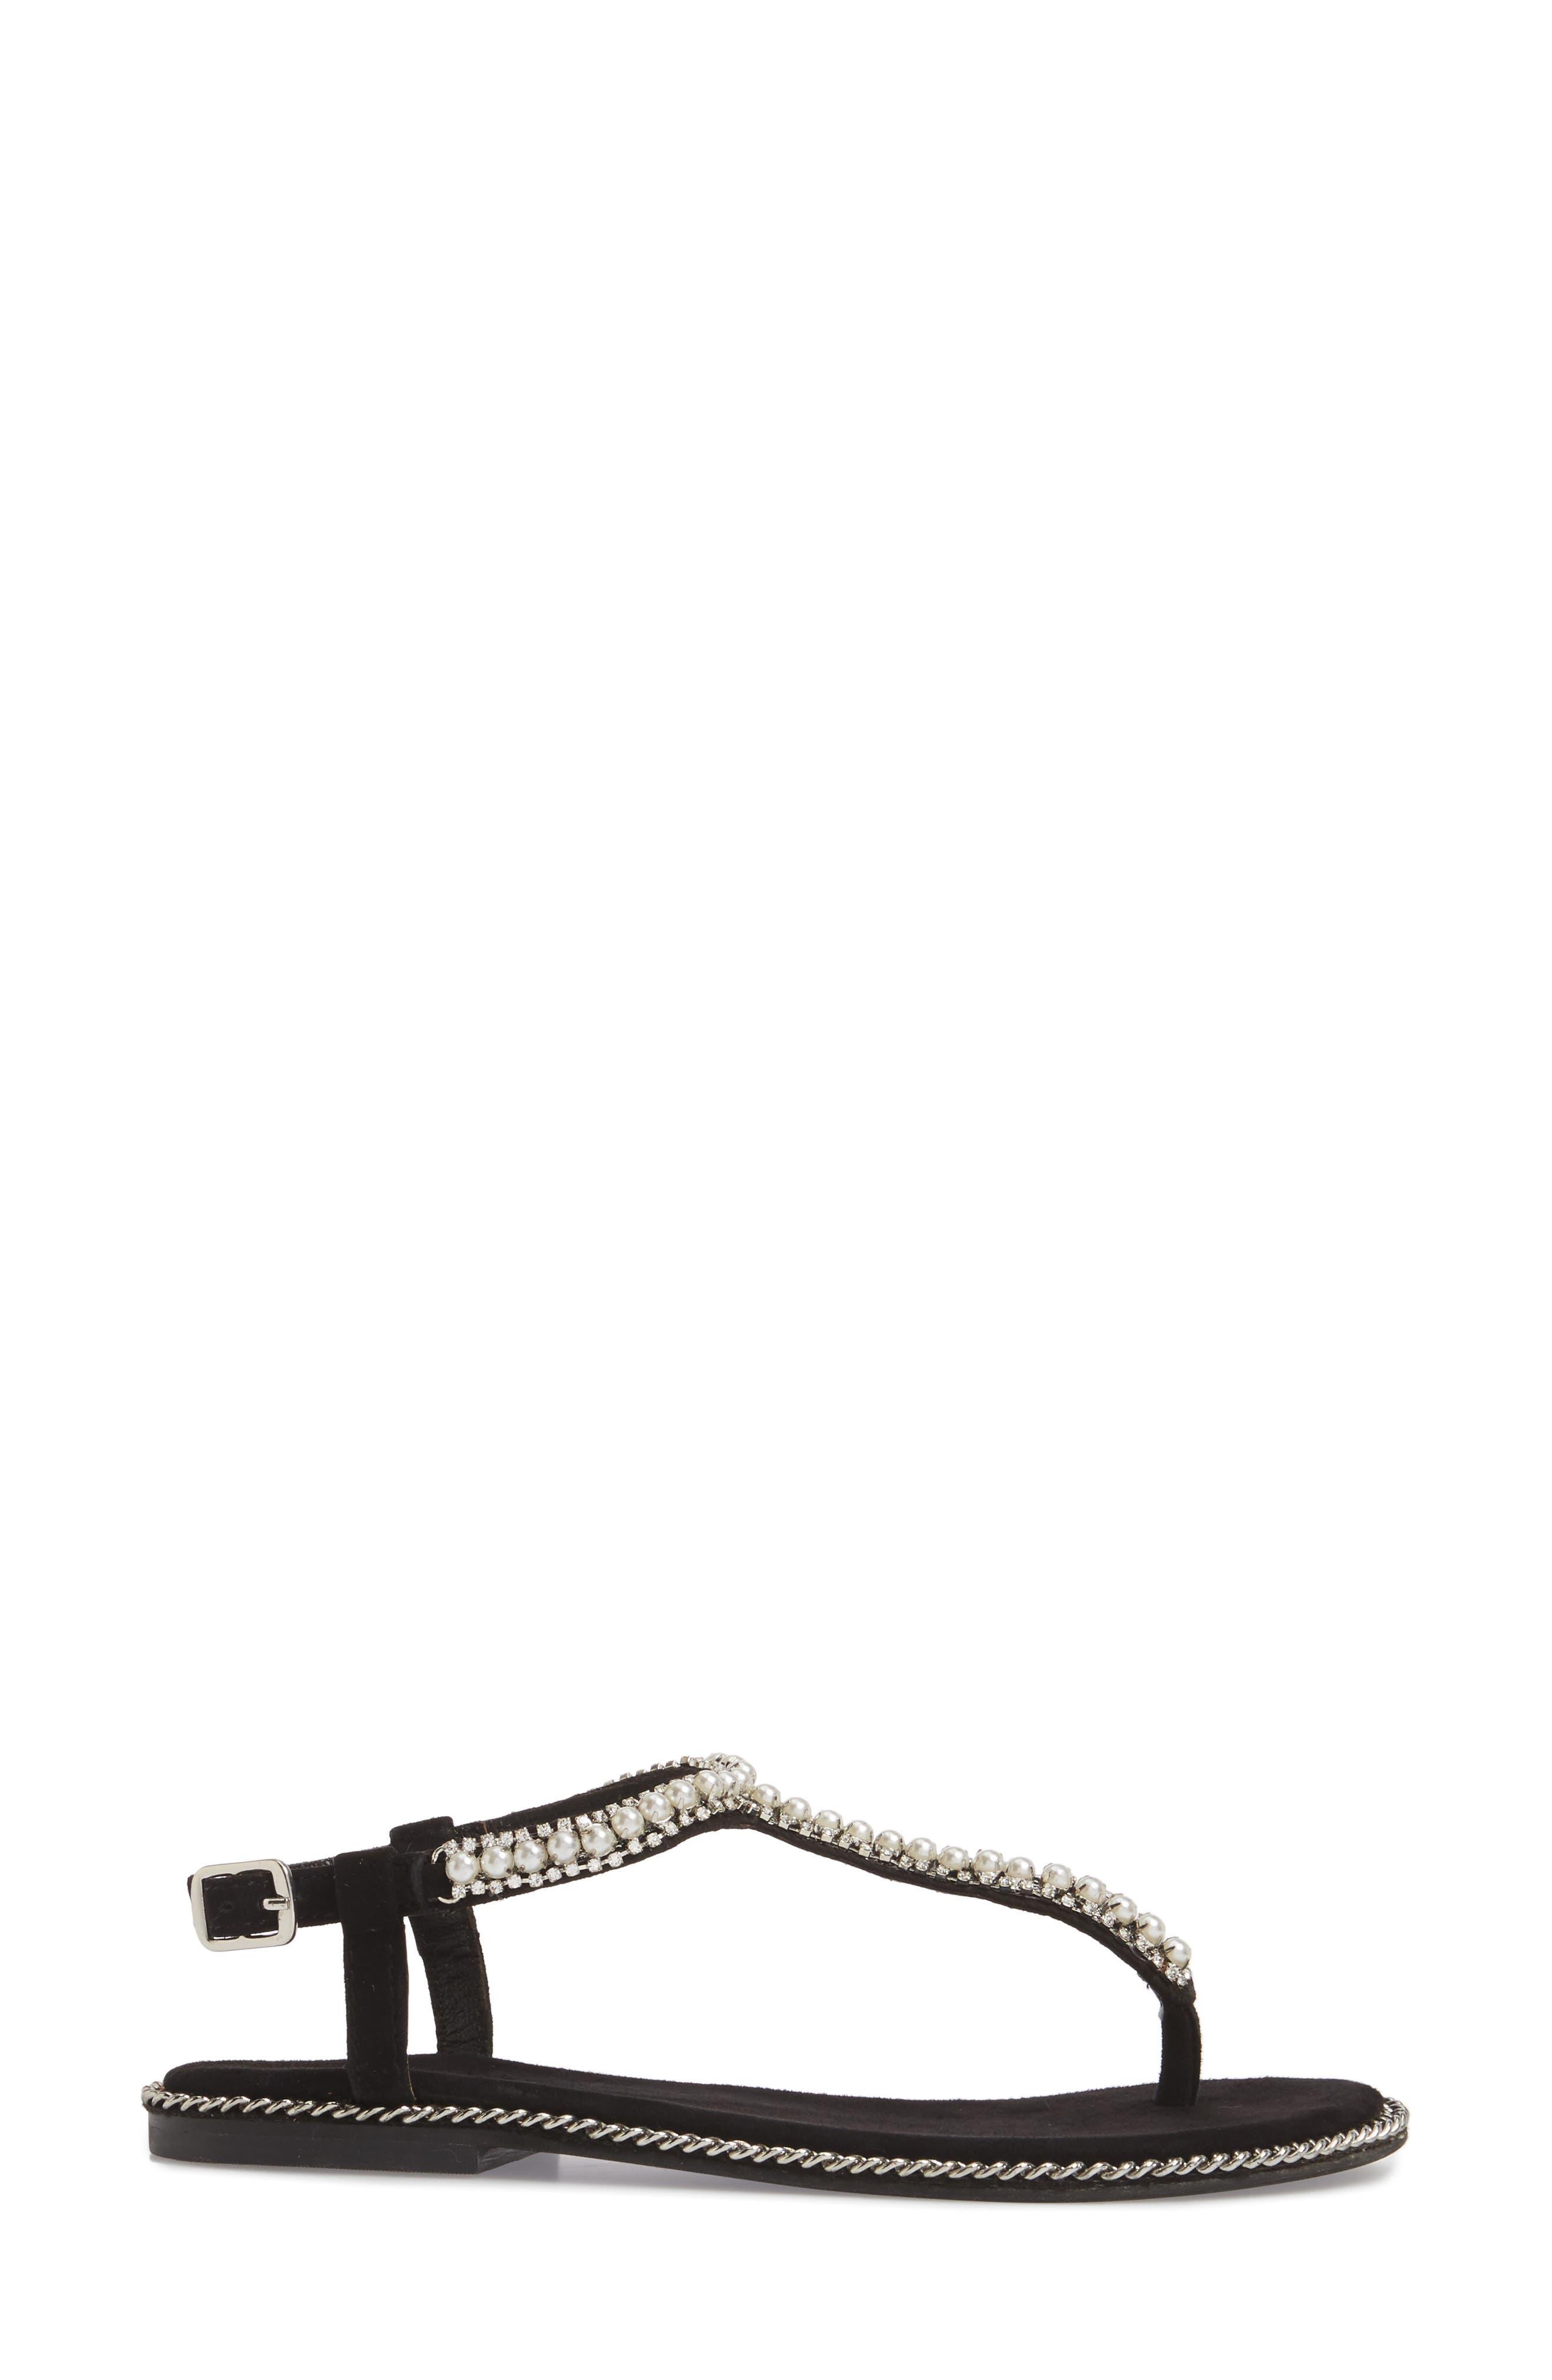 Embellished Ankle Strap Sandal,                             Alternate thumbnail 3, color,                             Black Suede